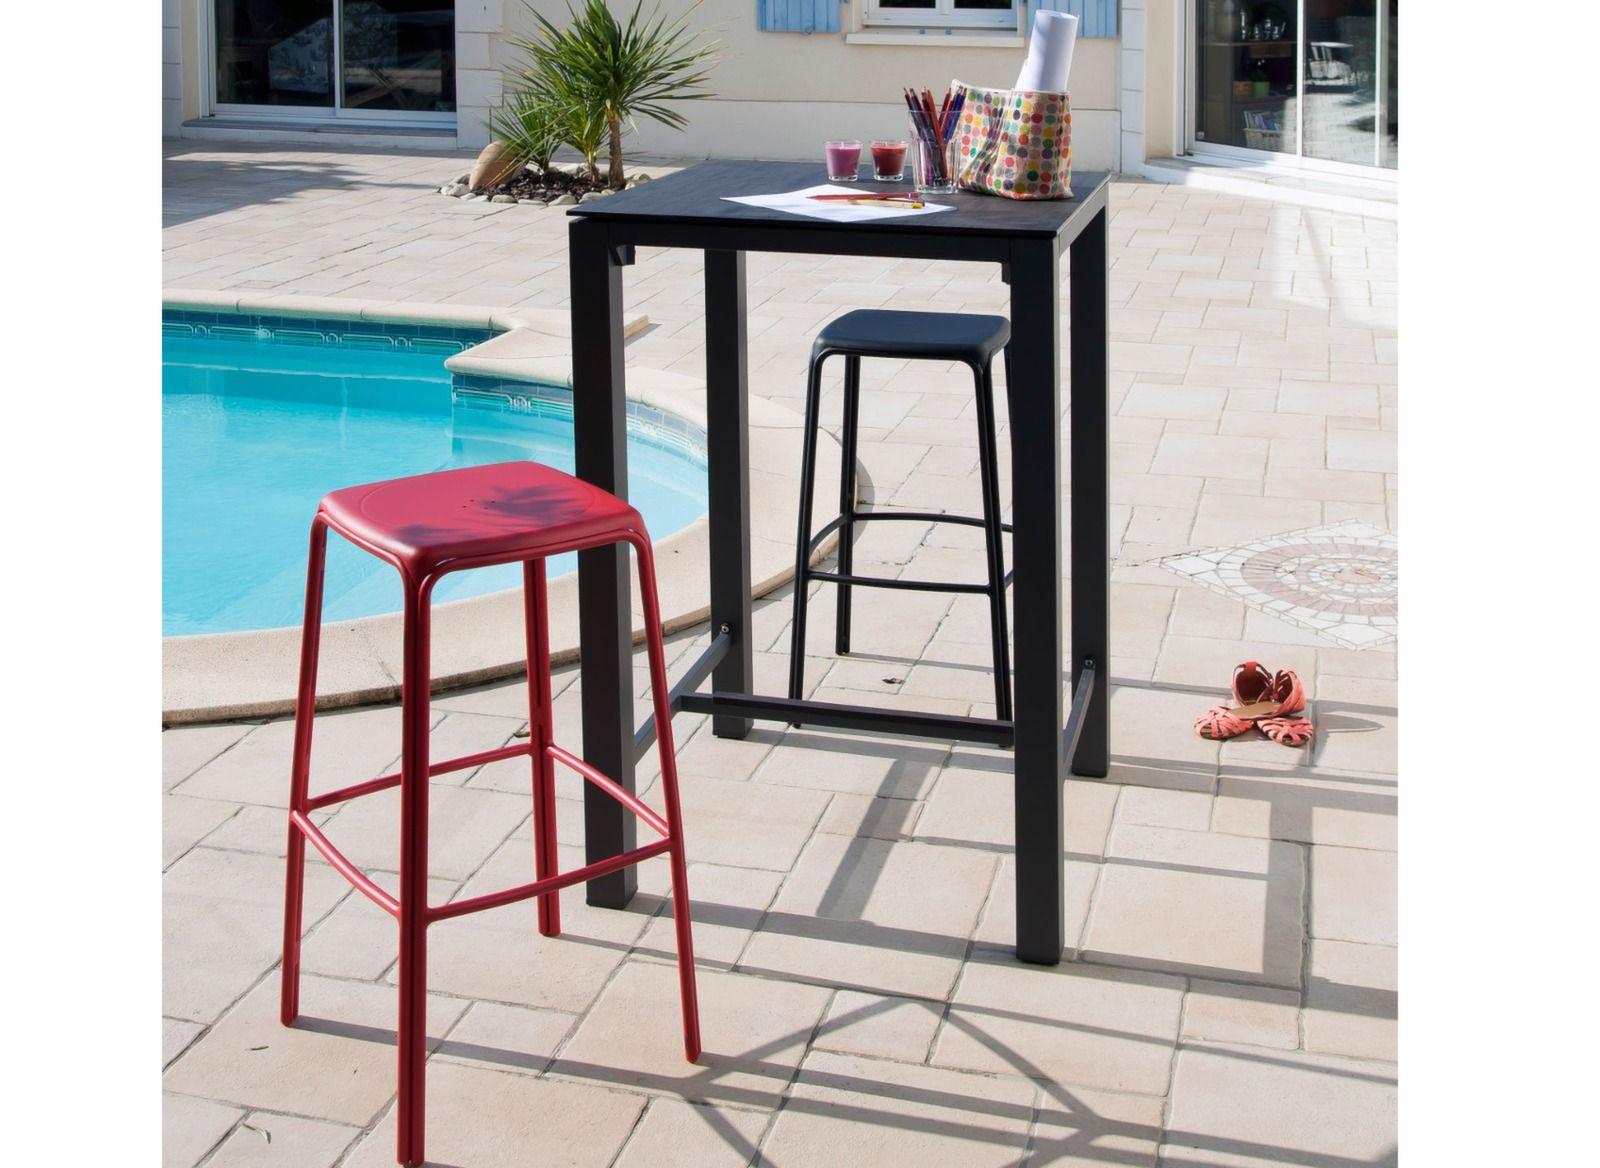 ee3b5d5db1c48e Mange-debout Stoneo 70 cm, plateau HPL - Tables hautes de jardin -  Proloisirs